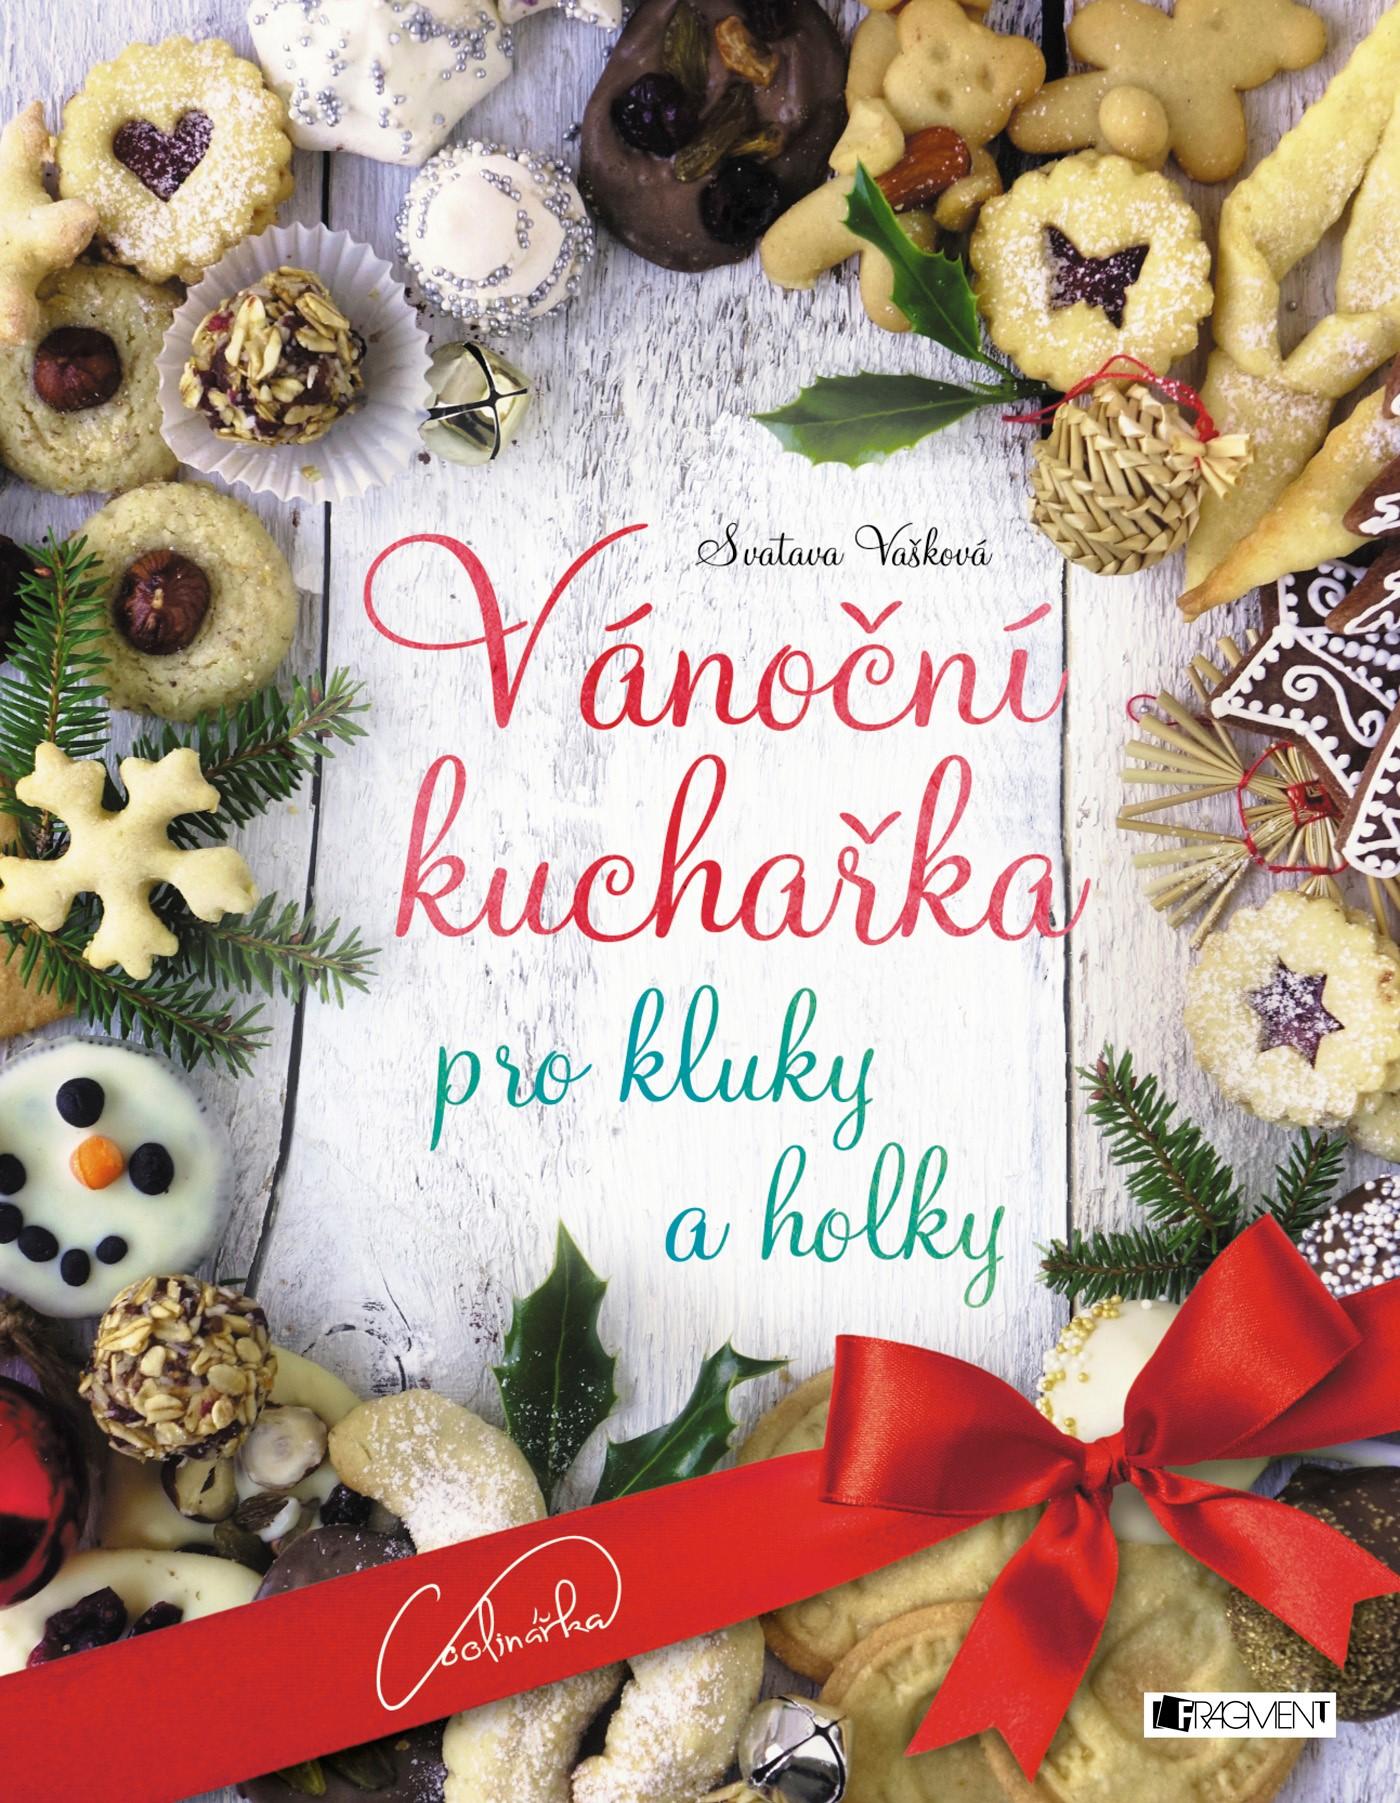 Fragment Vánoční kuchařka pro kluky a holky - Svatava Vašková